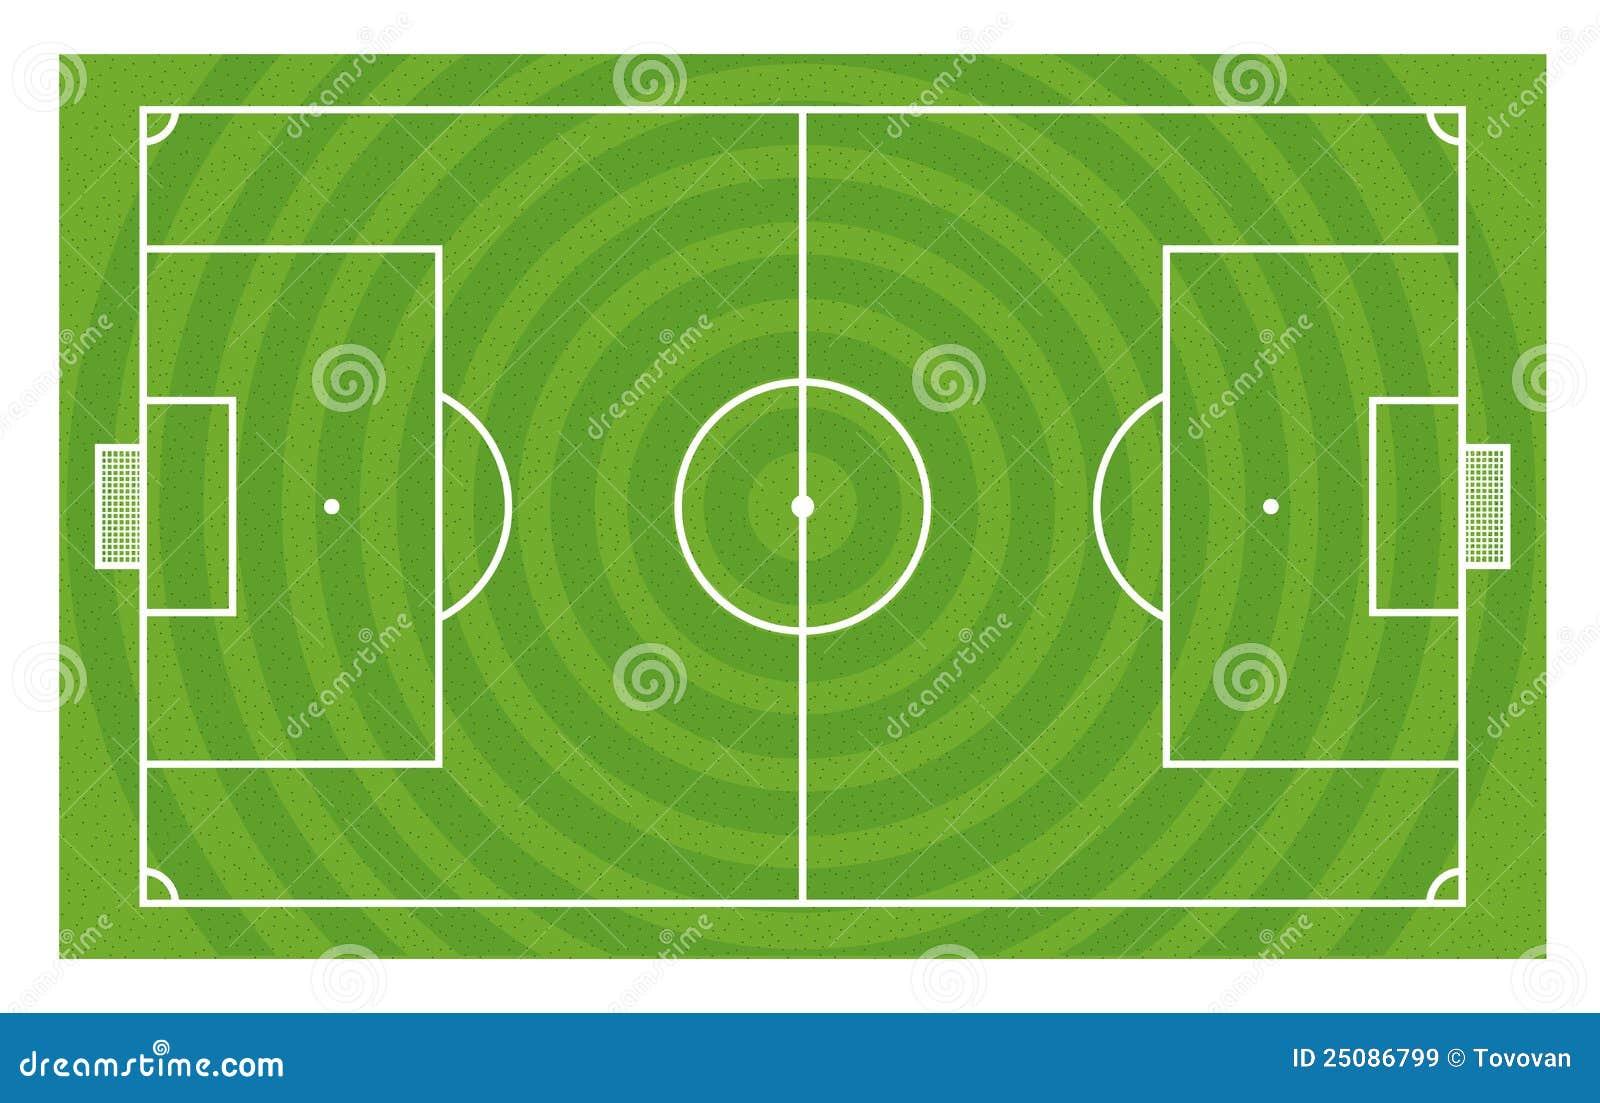 Green Football Field Template